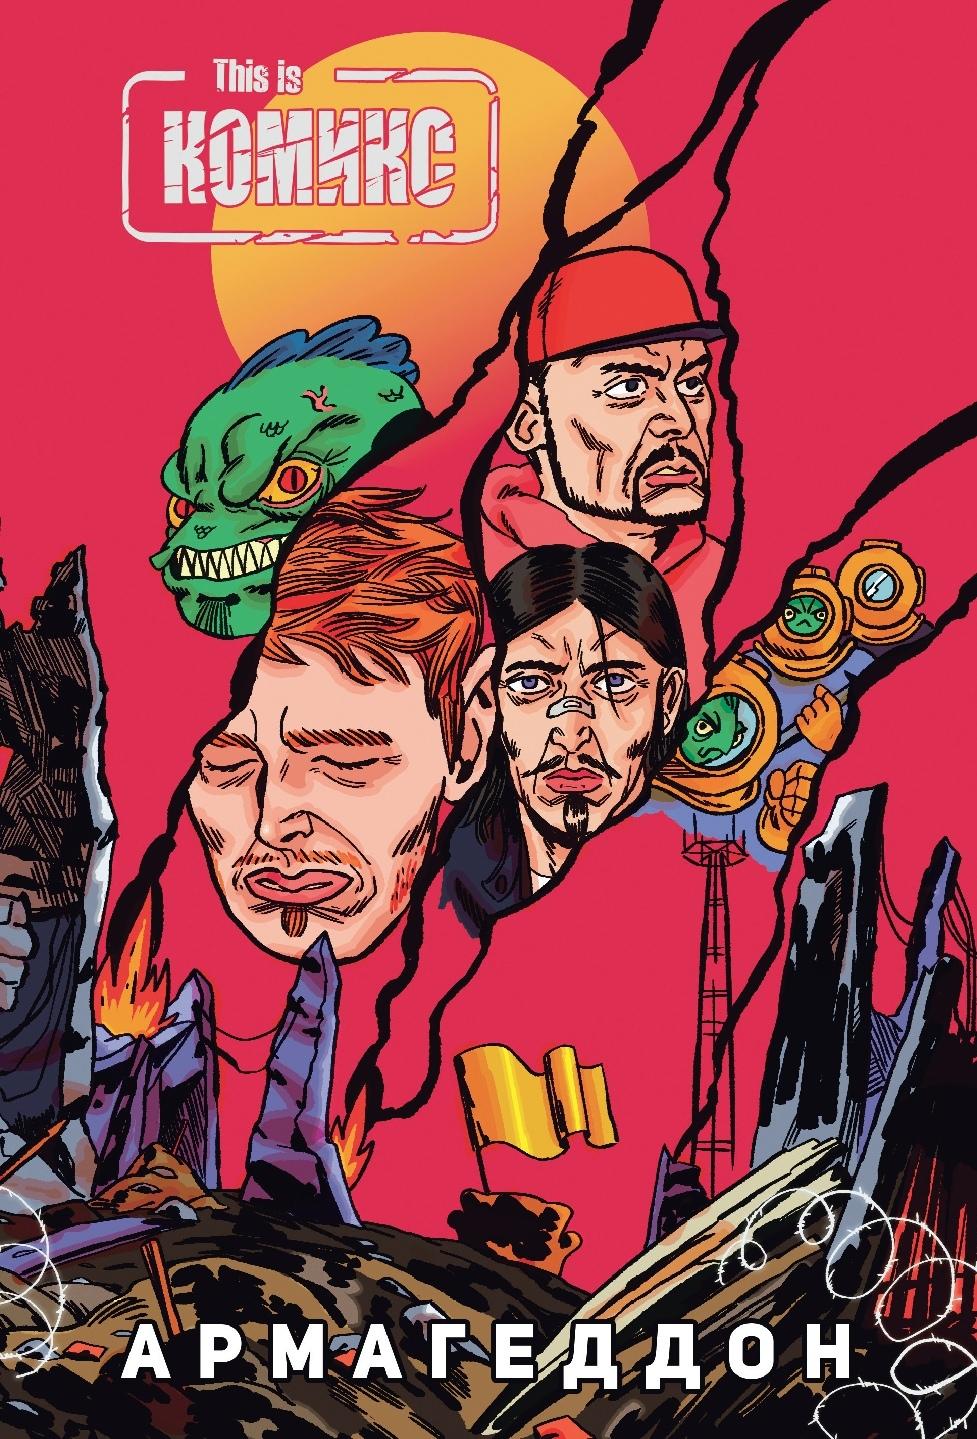 Женя Киямов This Is Комикс №4: Армагеддон